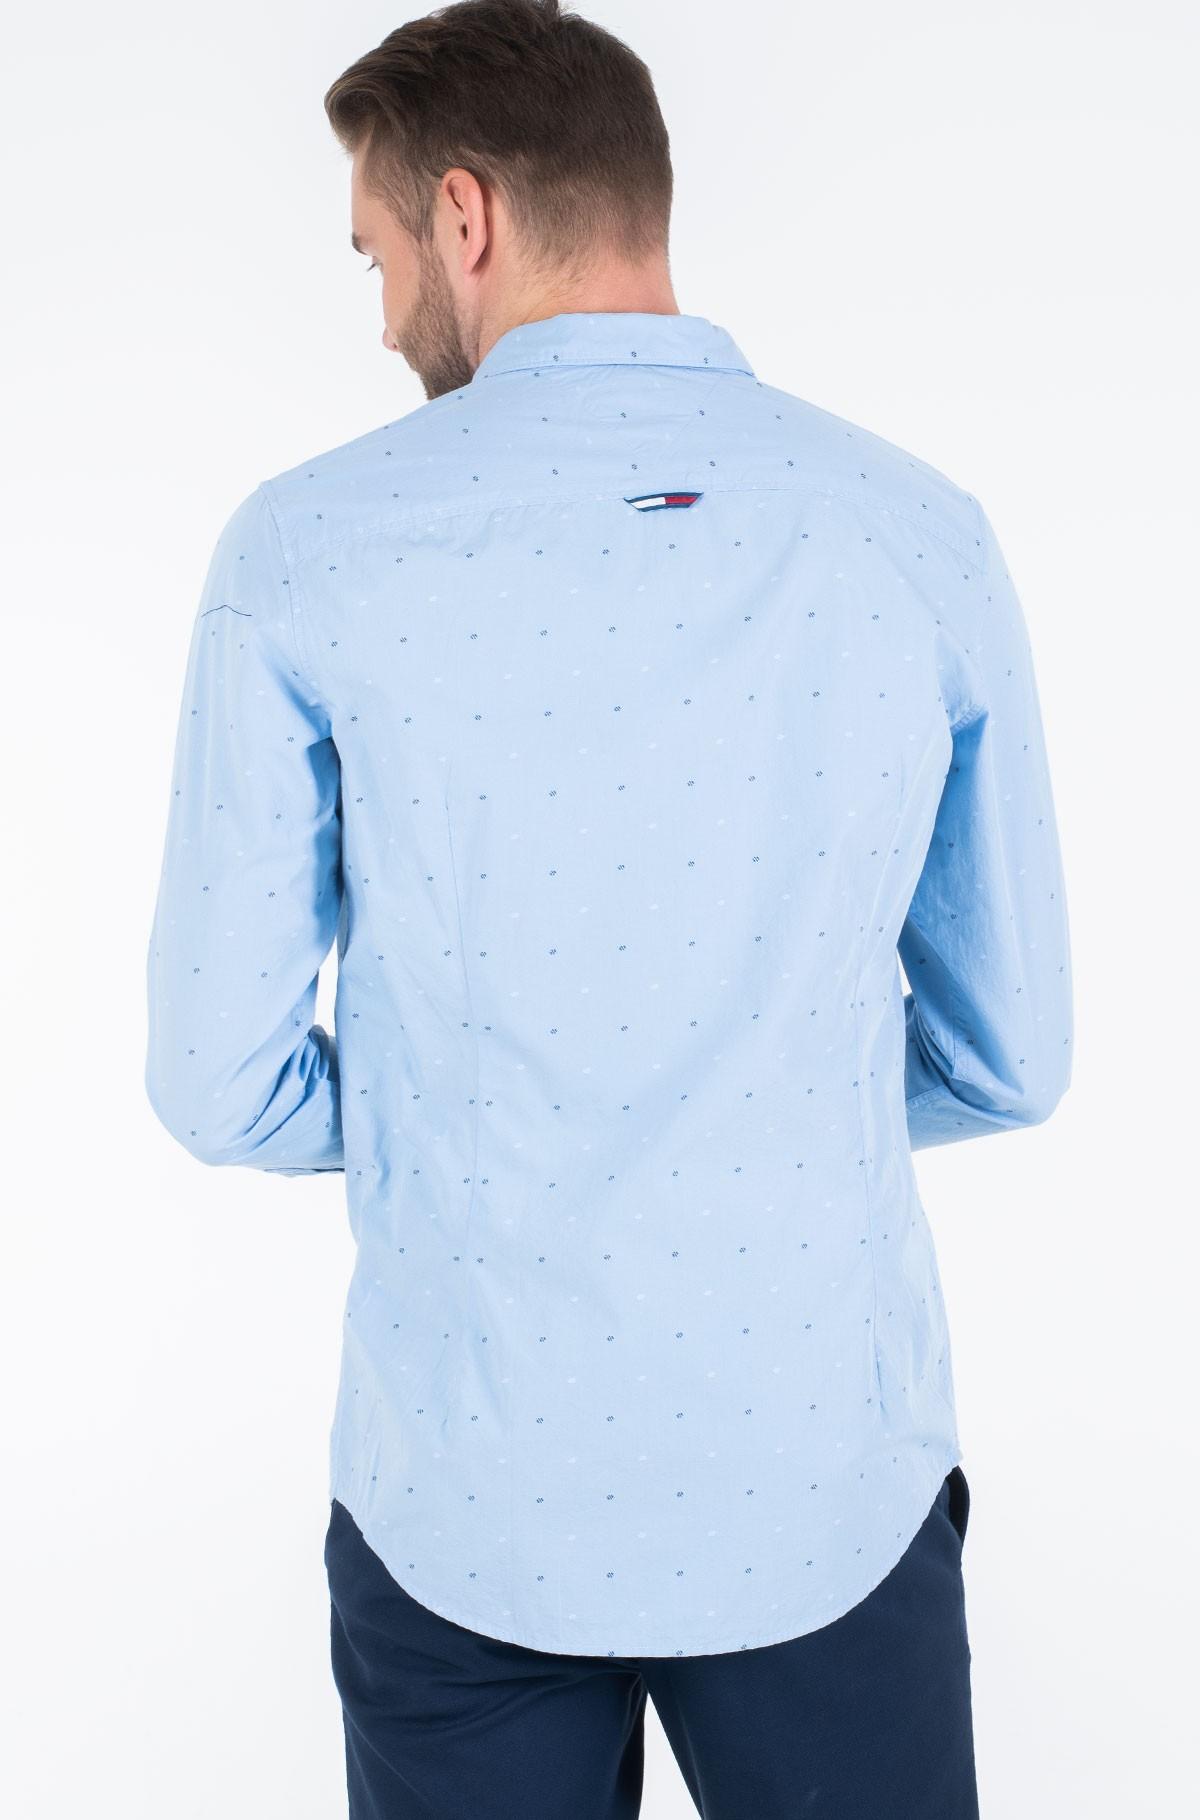 Marškiniai TJM NOVELTY DOBBY SHIRT-full-3